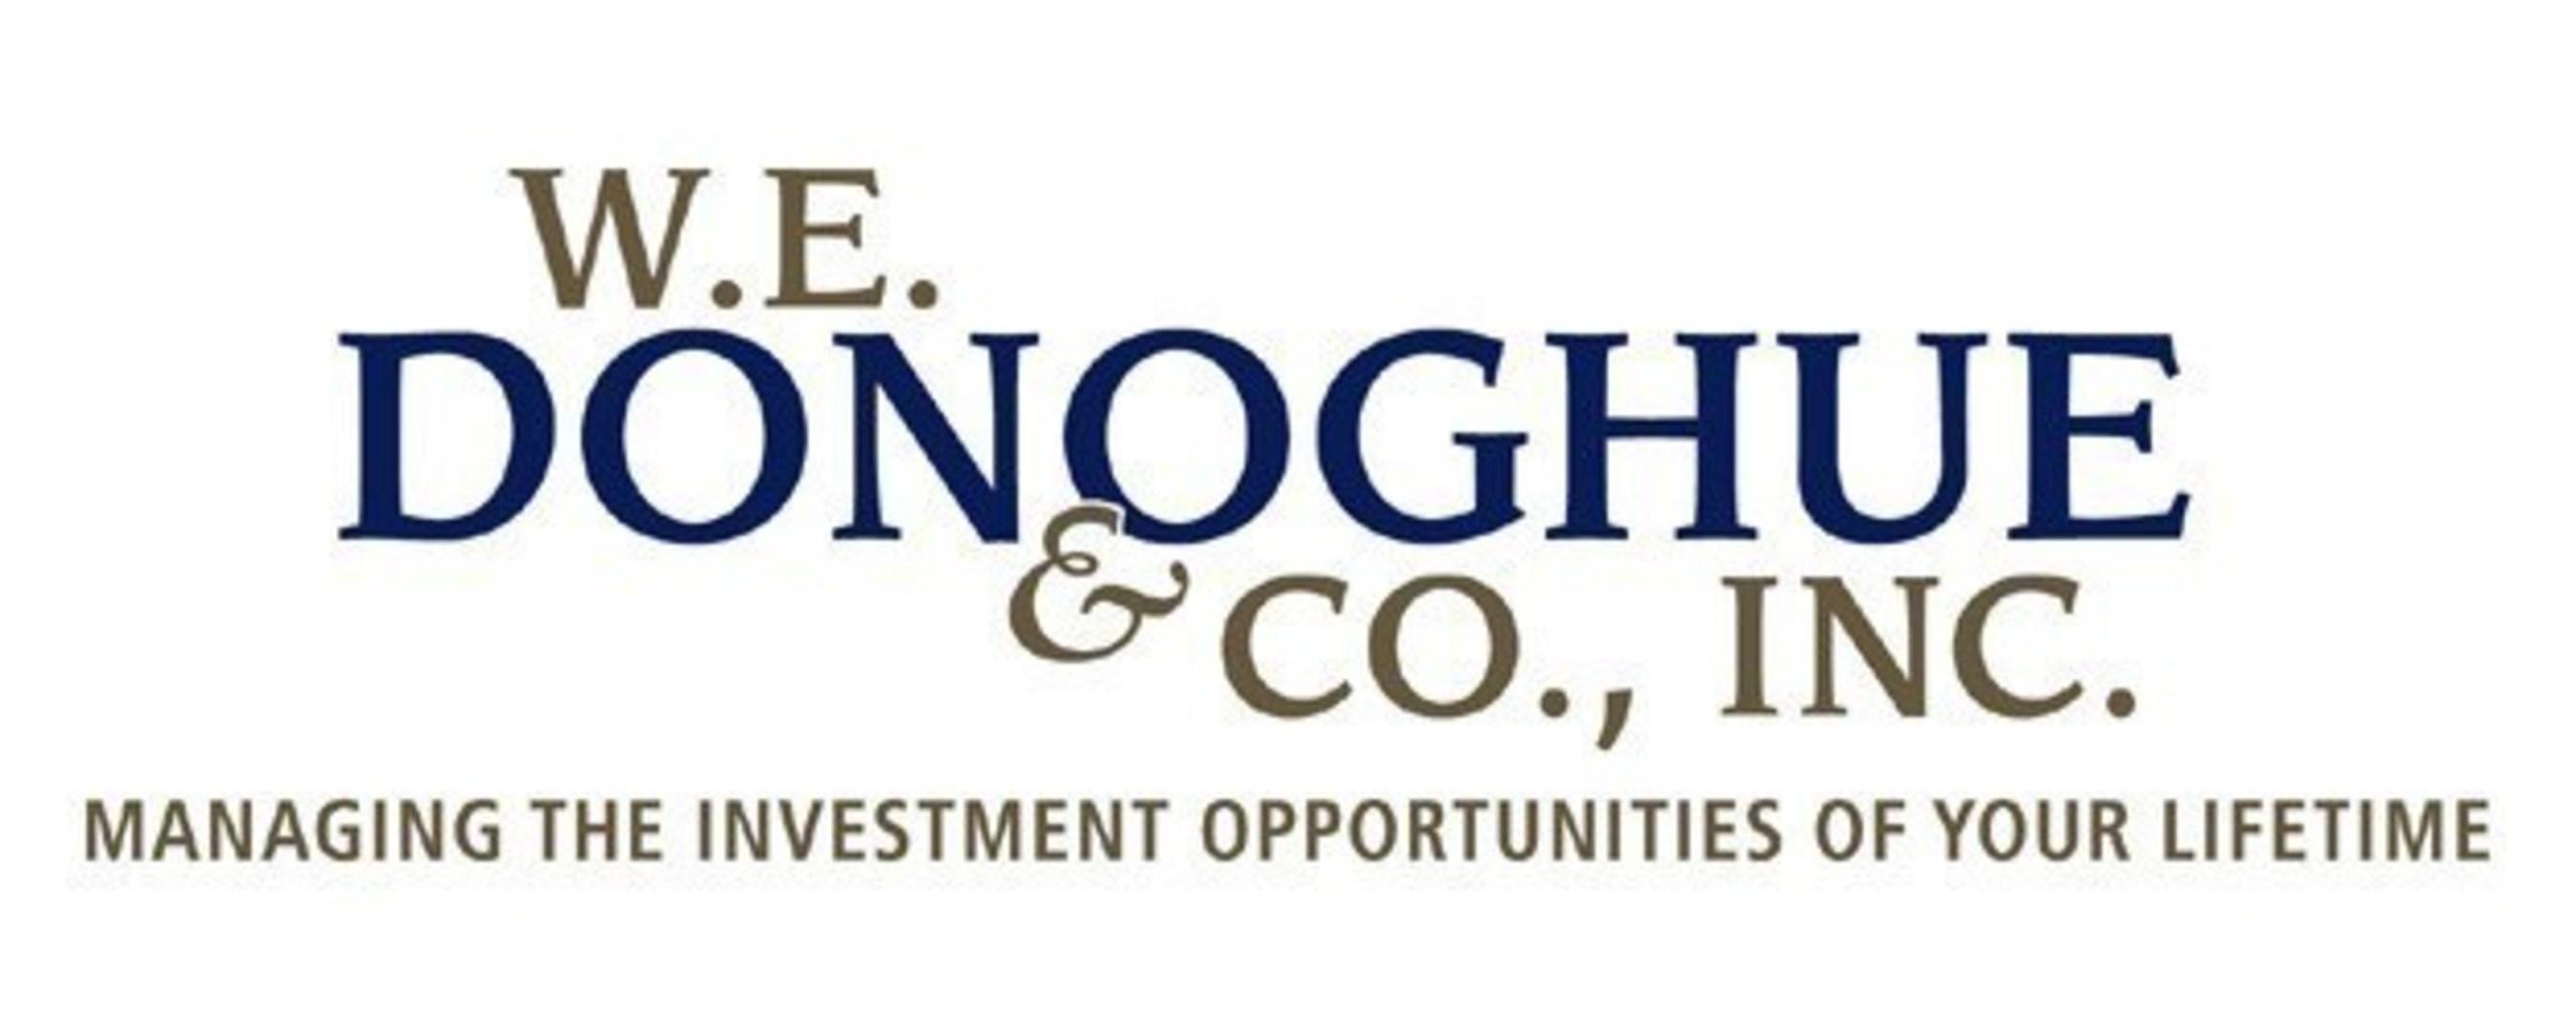 W.E. Donoghue & Co. Logo